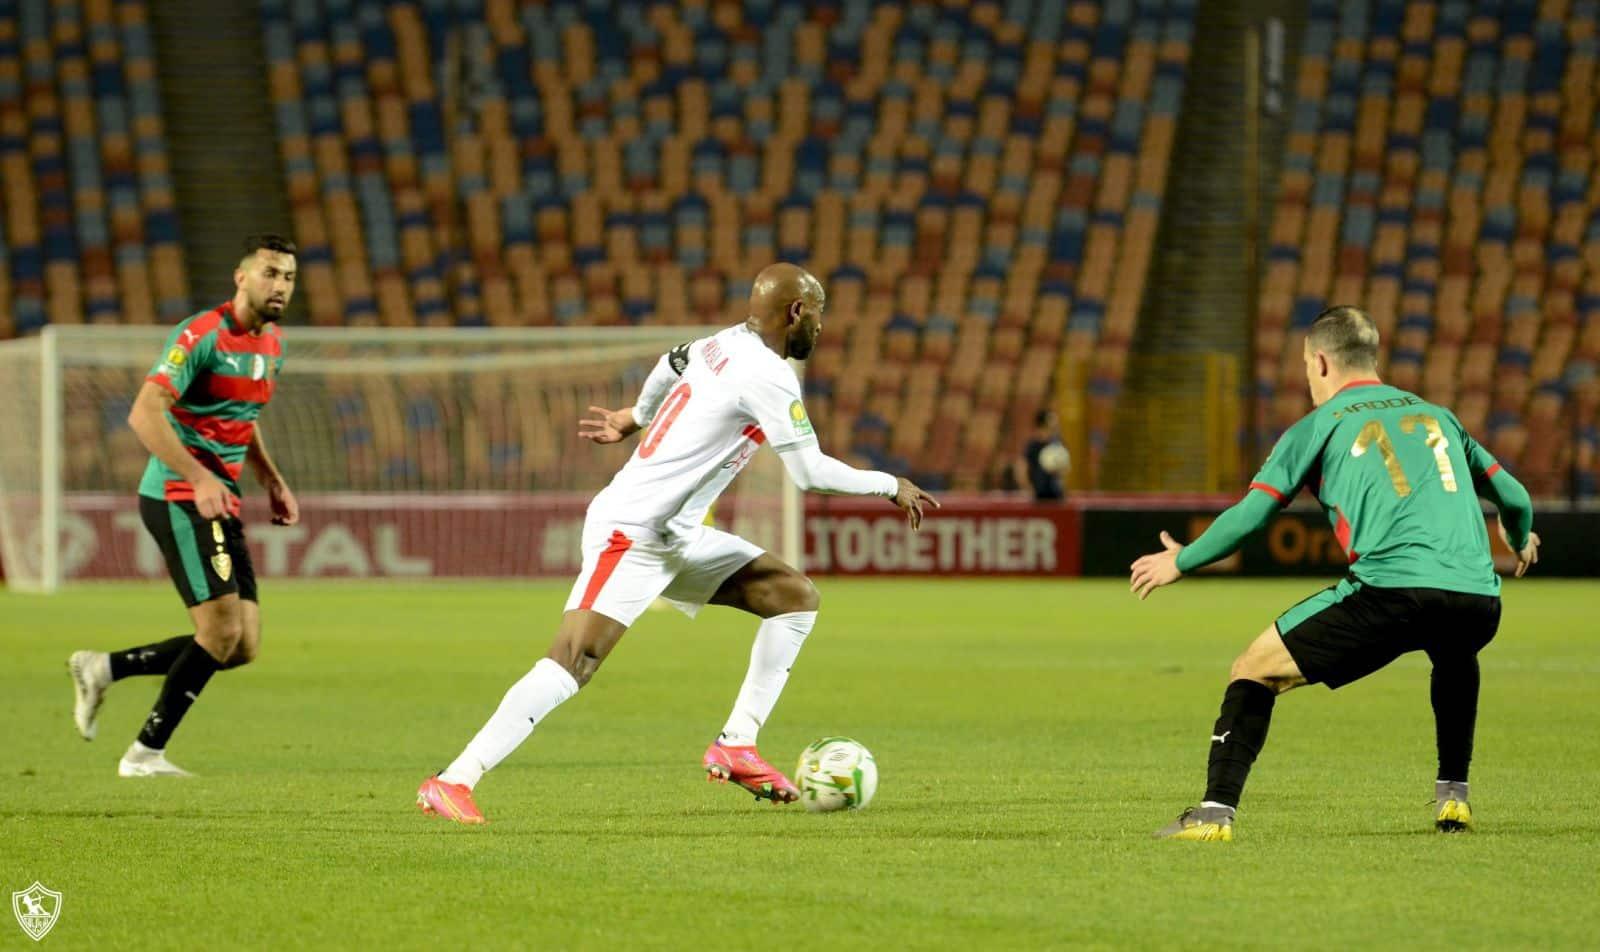 الزمالك يودع أبطال أفريقيا بعد فوزه الكبير على منافسه السنغالي تونغيث